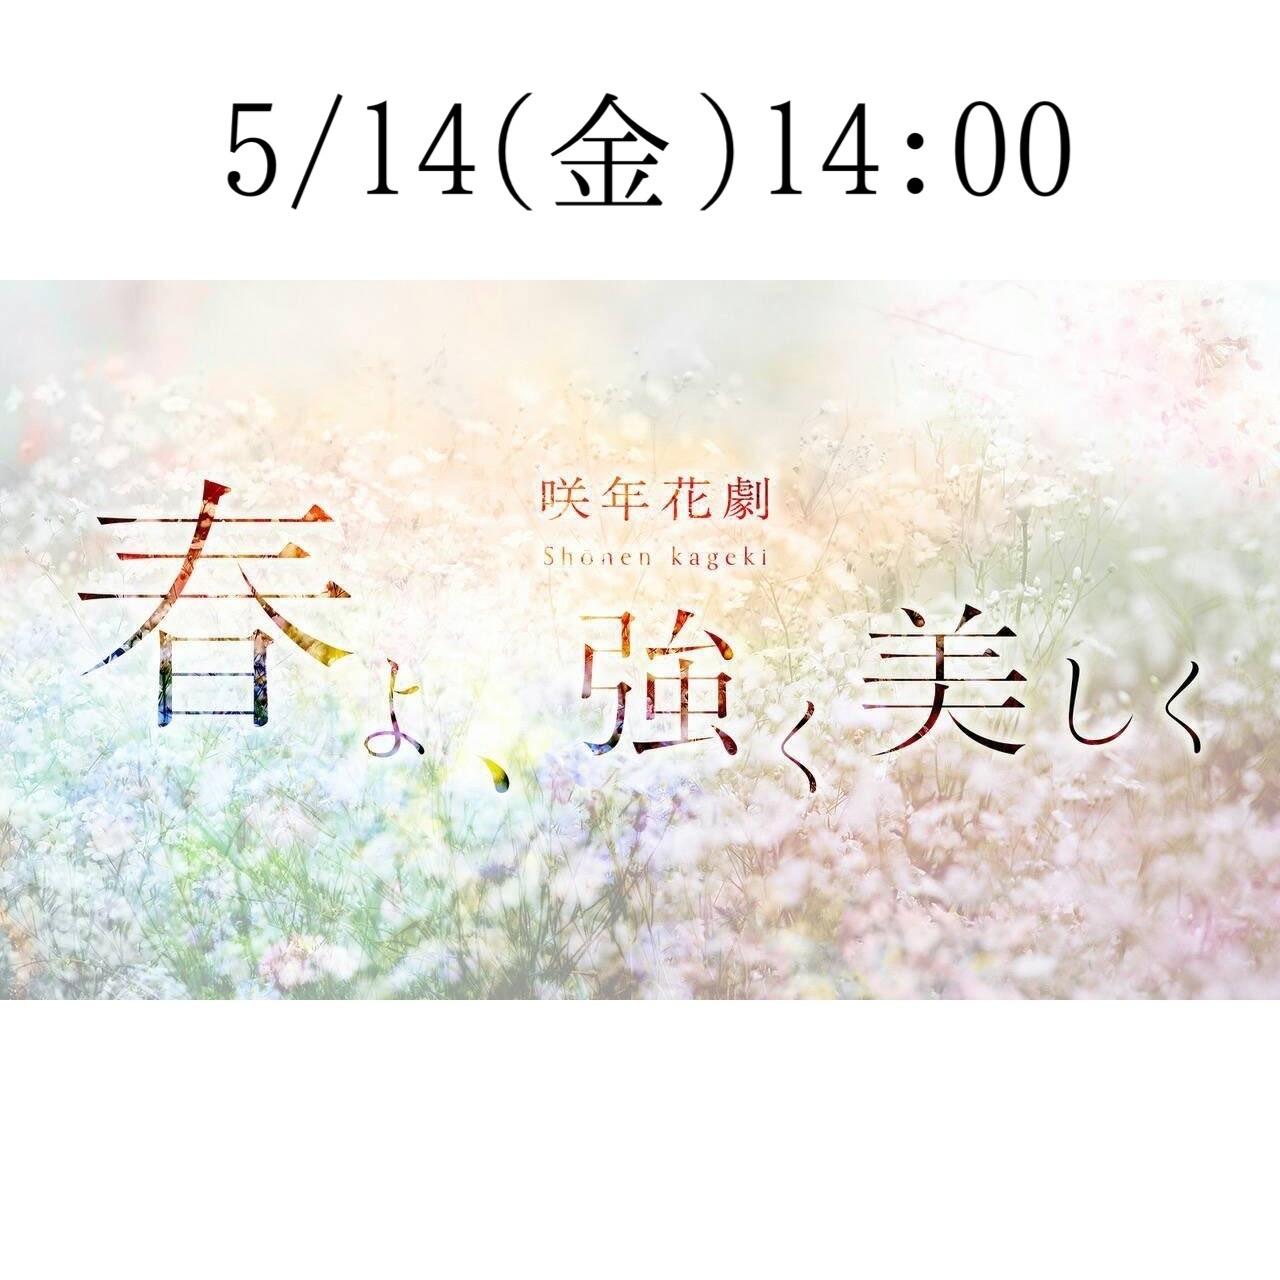 【5月14日(金) 14:00】咲年花劇「春よ、強く美しく」